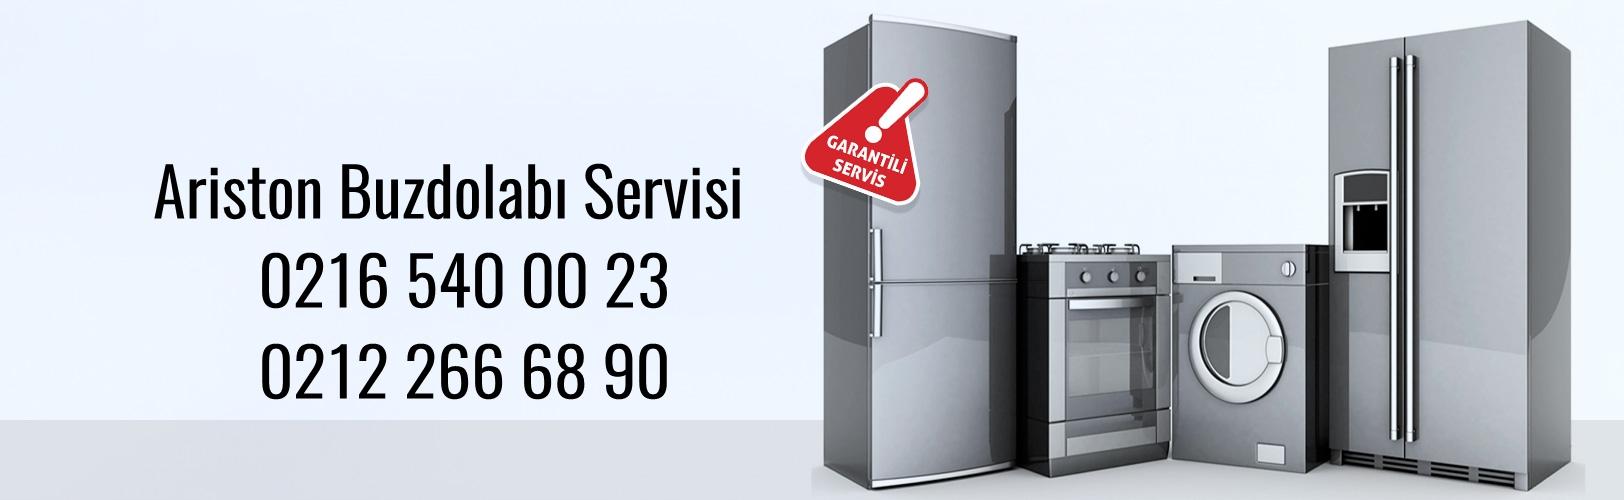 Ariston Buzdolabı Servisi